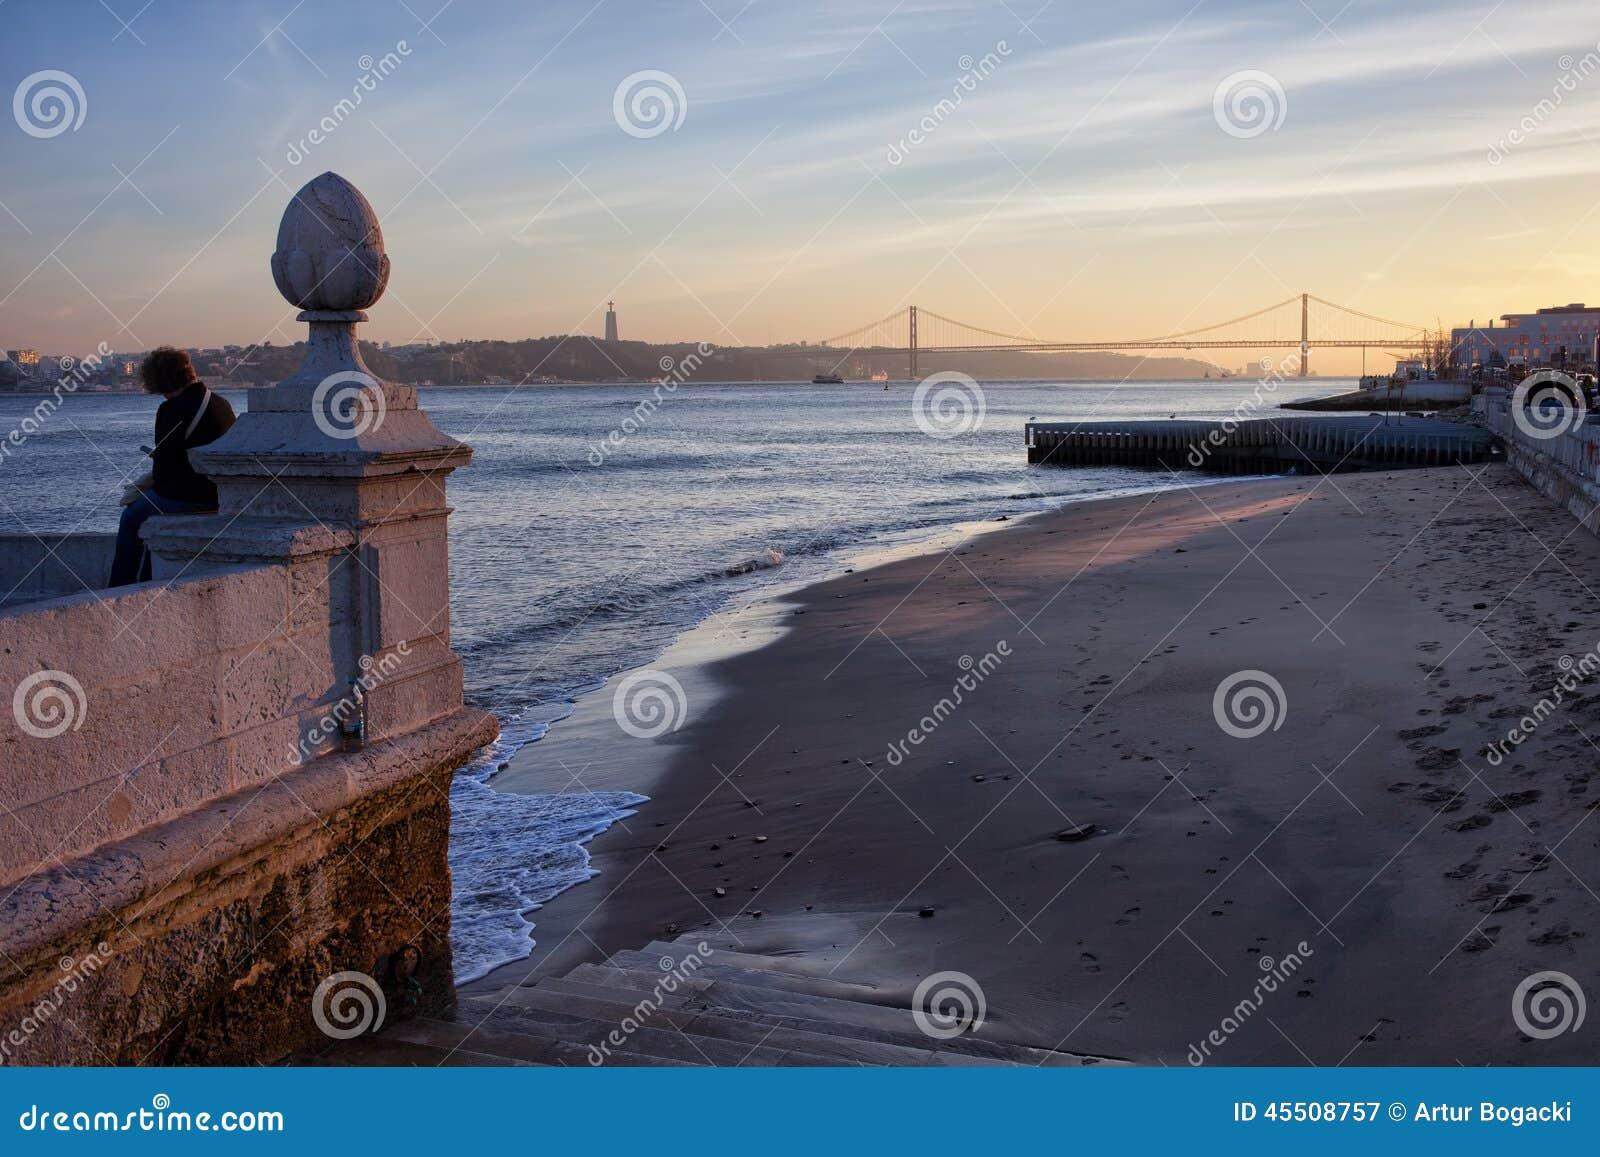 Lissabon Fluss lissabon fluss strand bei sonnenuntergang stockbild bild